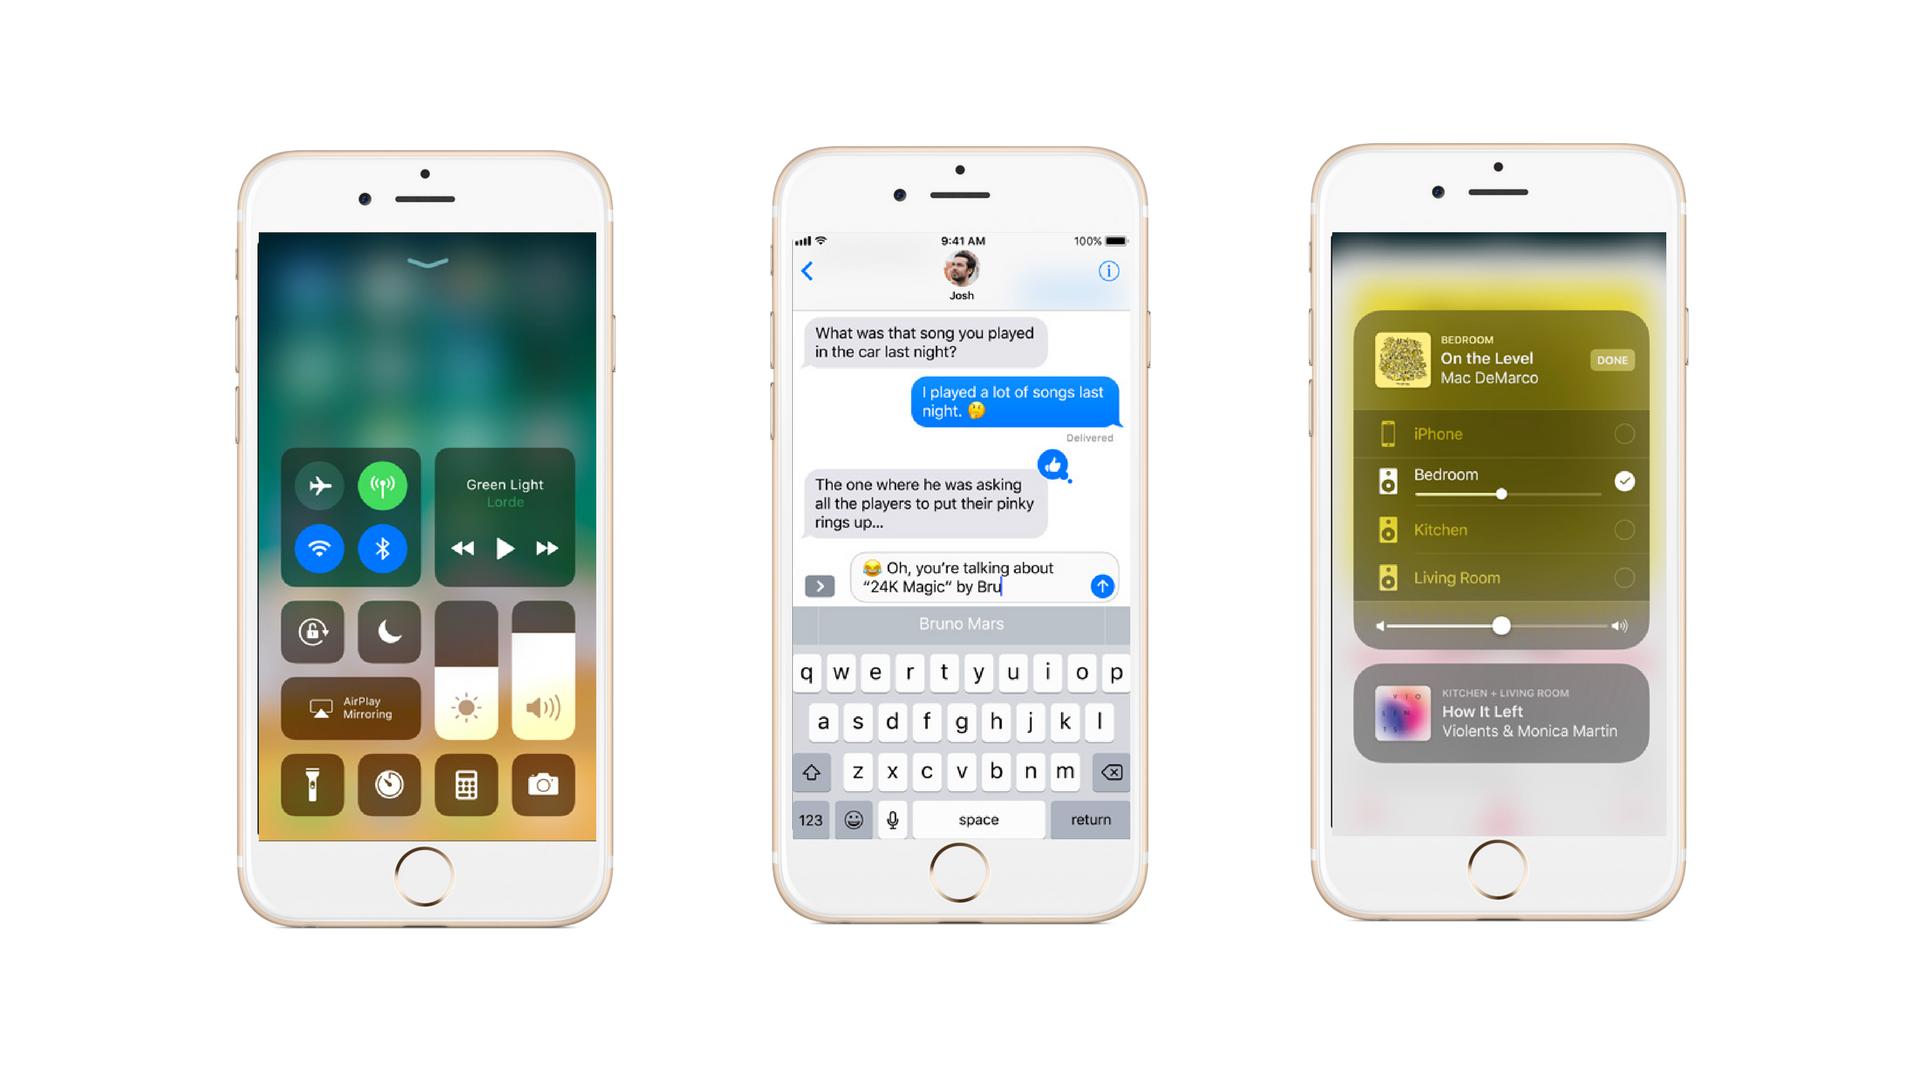 ios-11-dernieres-nouveautes-annoncees-apple-iphone-2